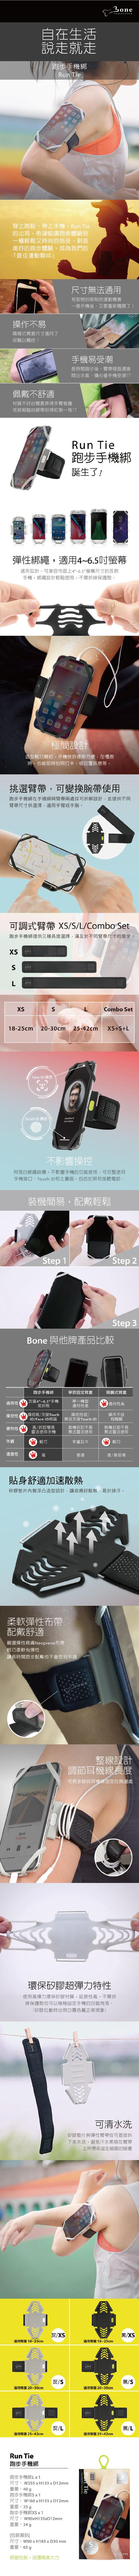 (複製)Bone | CardTie 環保頸掛卡套 - 麋鹿